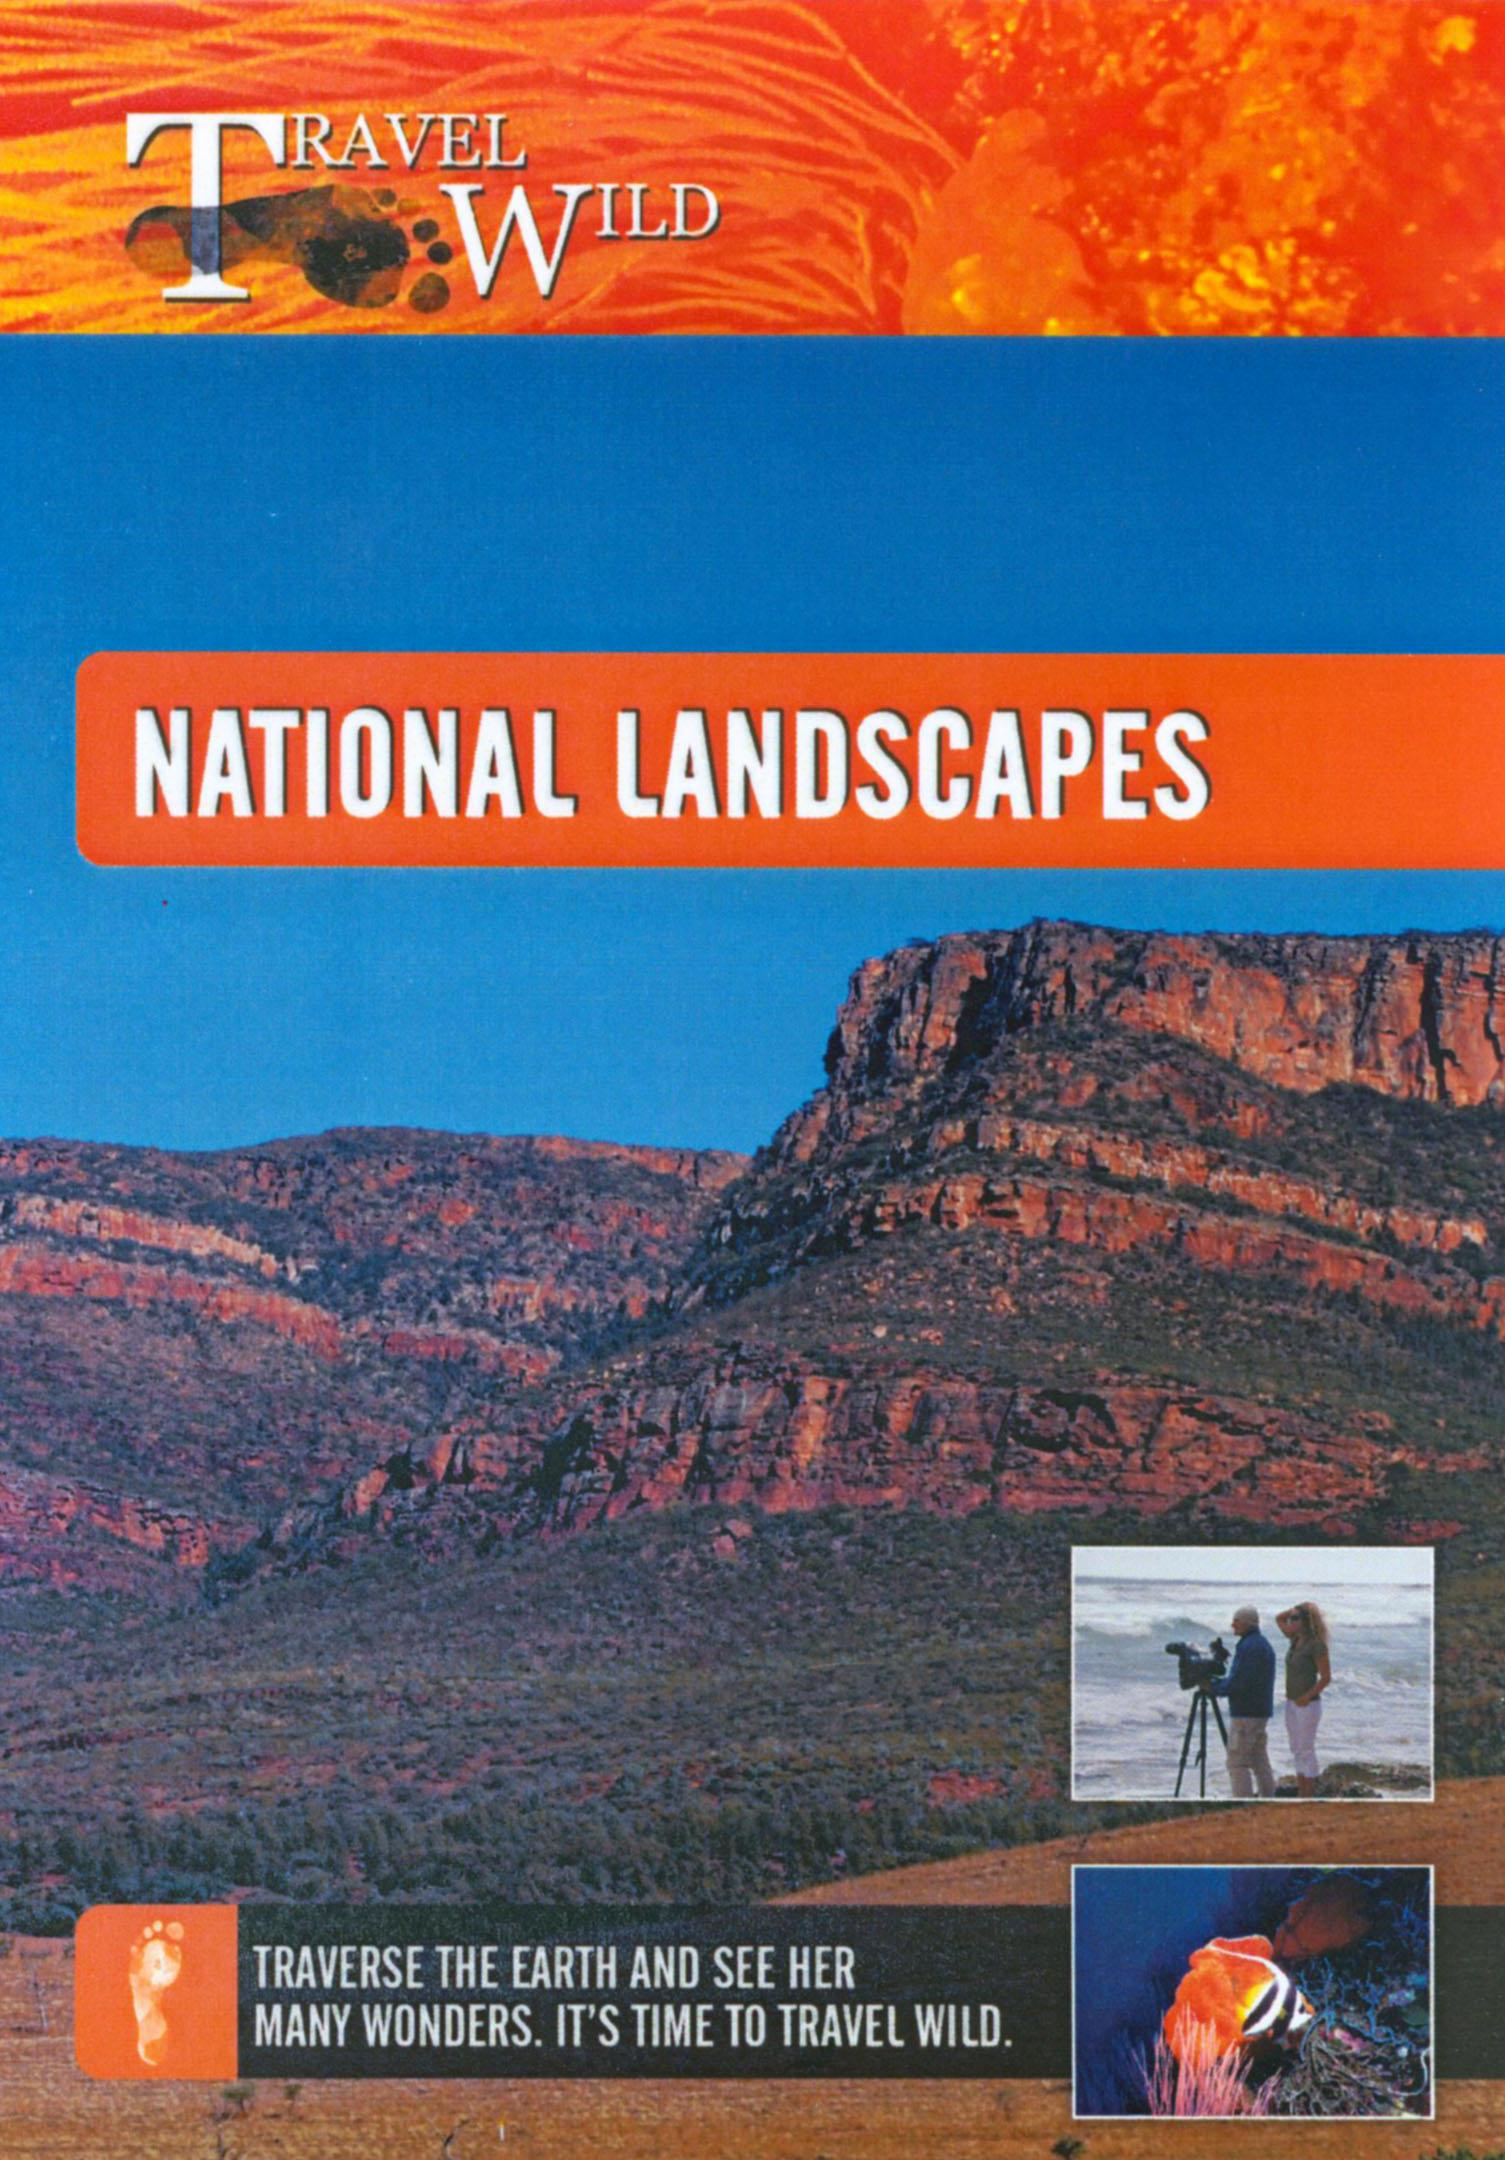 Travel Wild: National Landscapes